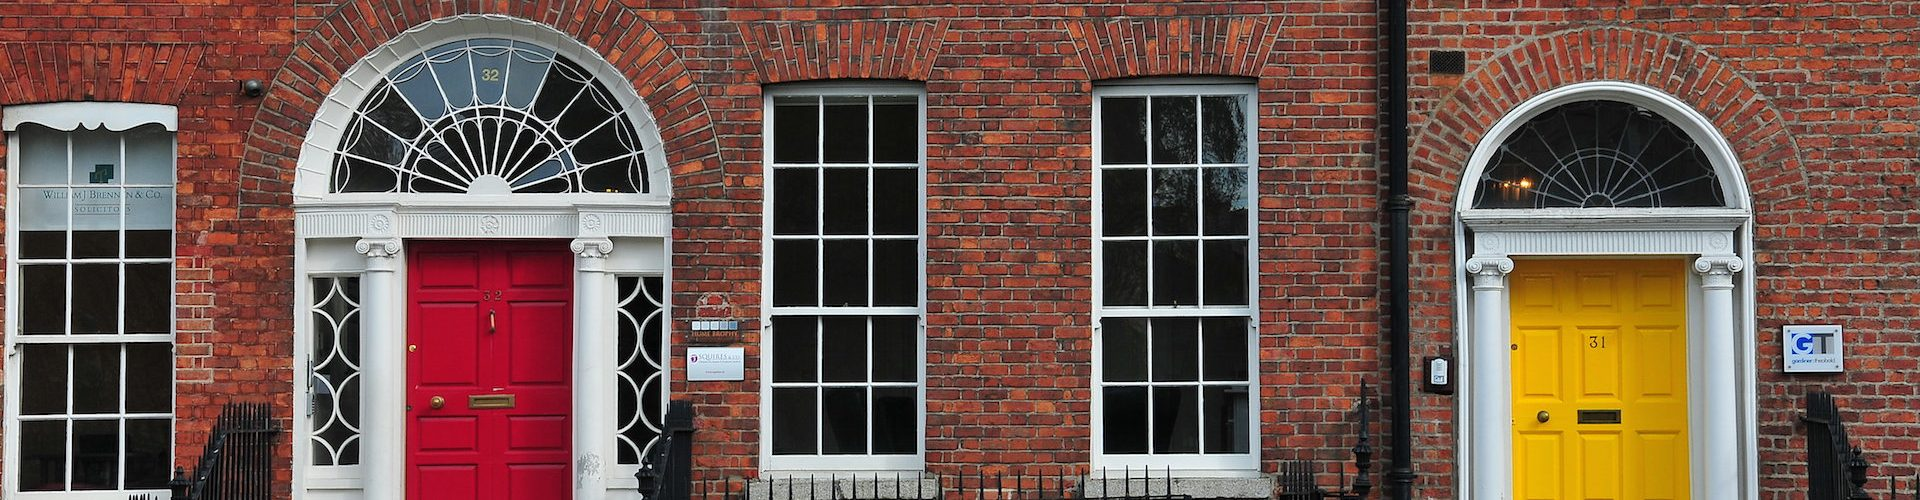 portes dublin, conseils pour un séjour réussi en irlande